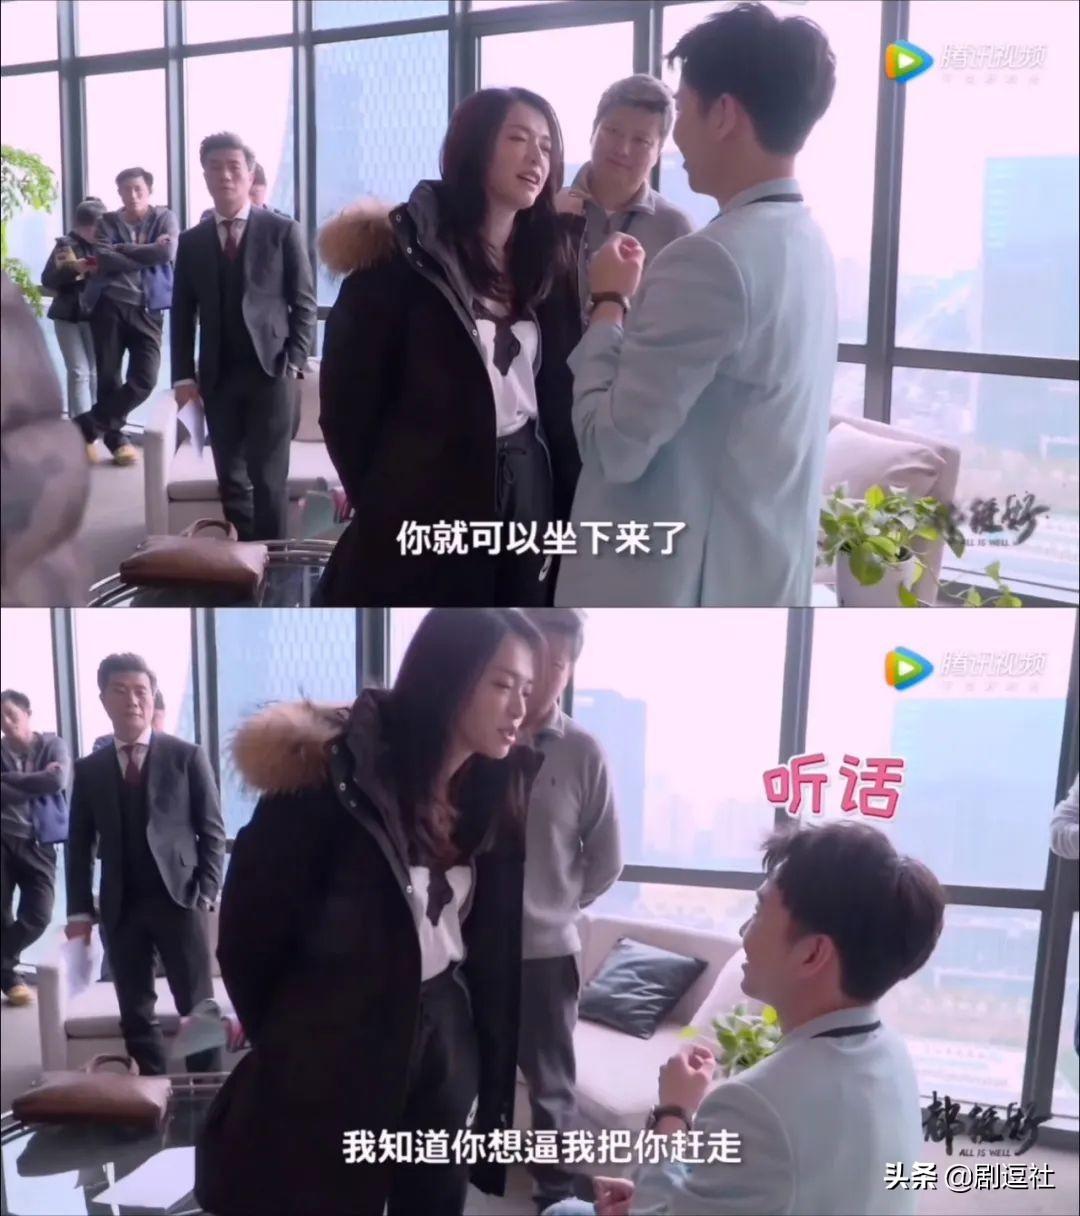 易烊千玺、王俊凯、范丞丞、刘昊然…适合演姐弟恋的年下盘点